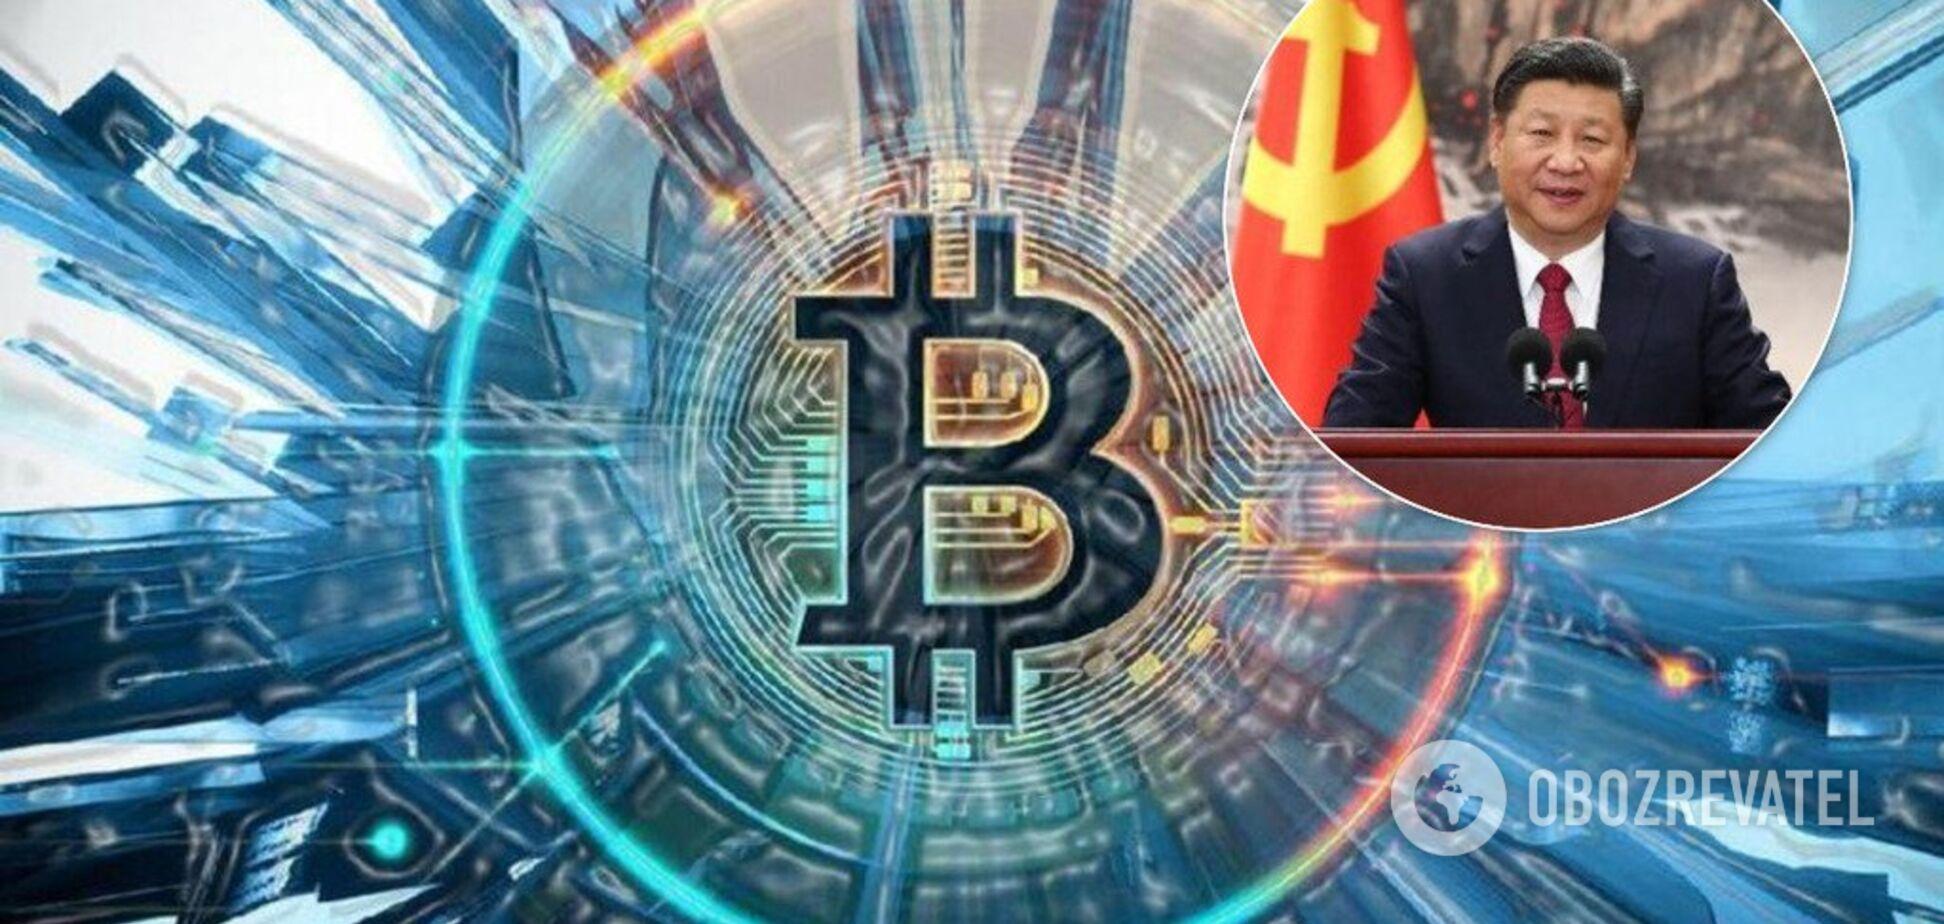 Курс биткоина рекордно пошел вверх: власти Китая приняли важнейшее решение